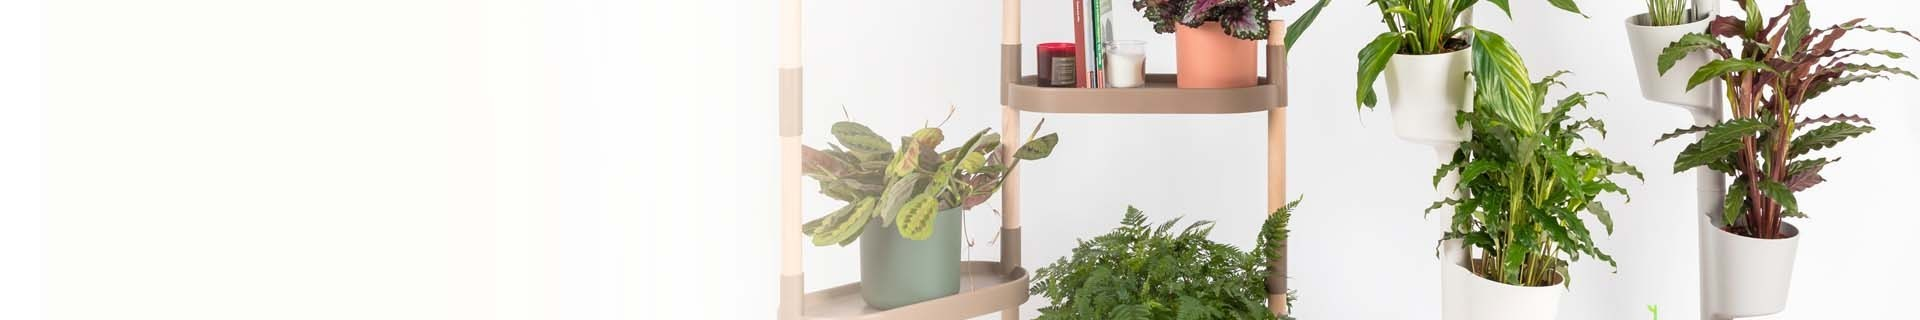 Suport per a plantes: jardí vertical, prestatgeria per a plantes i test de paret | CitySens